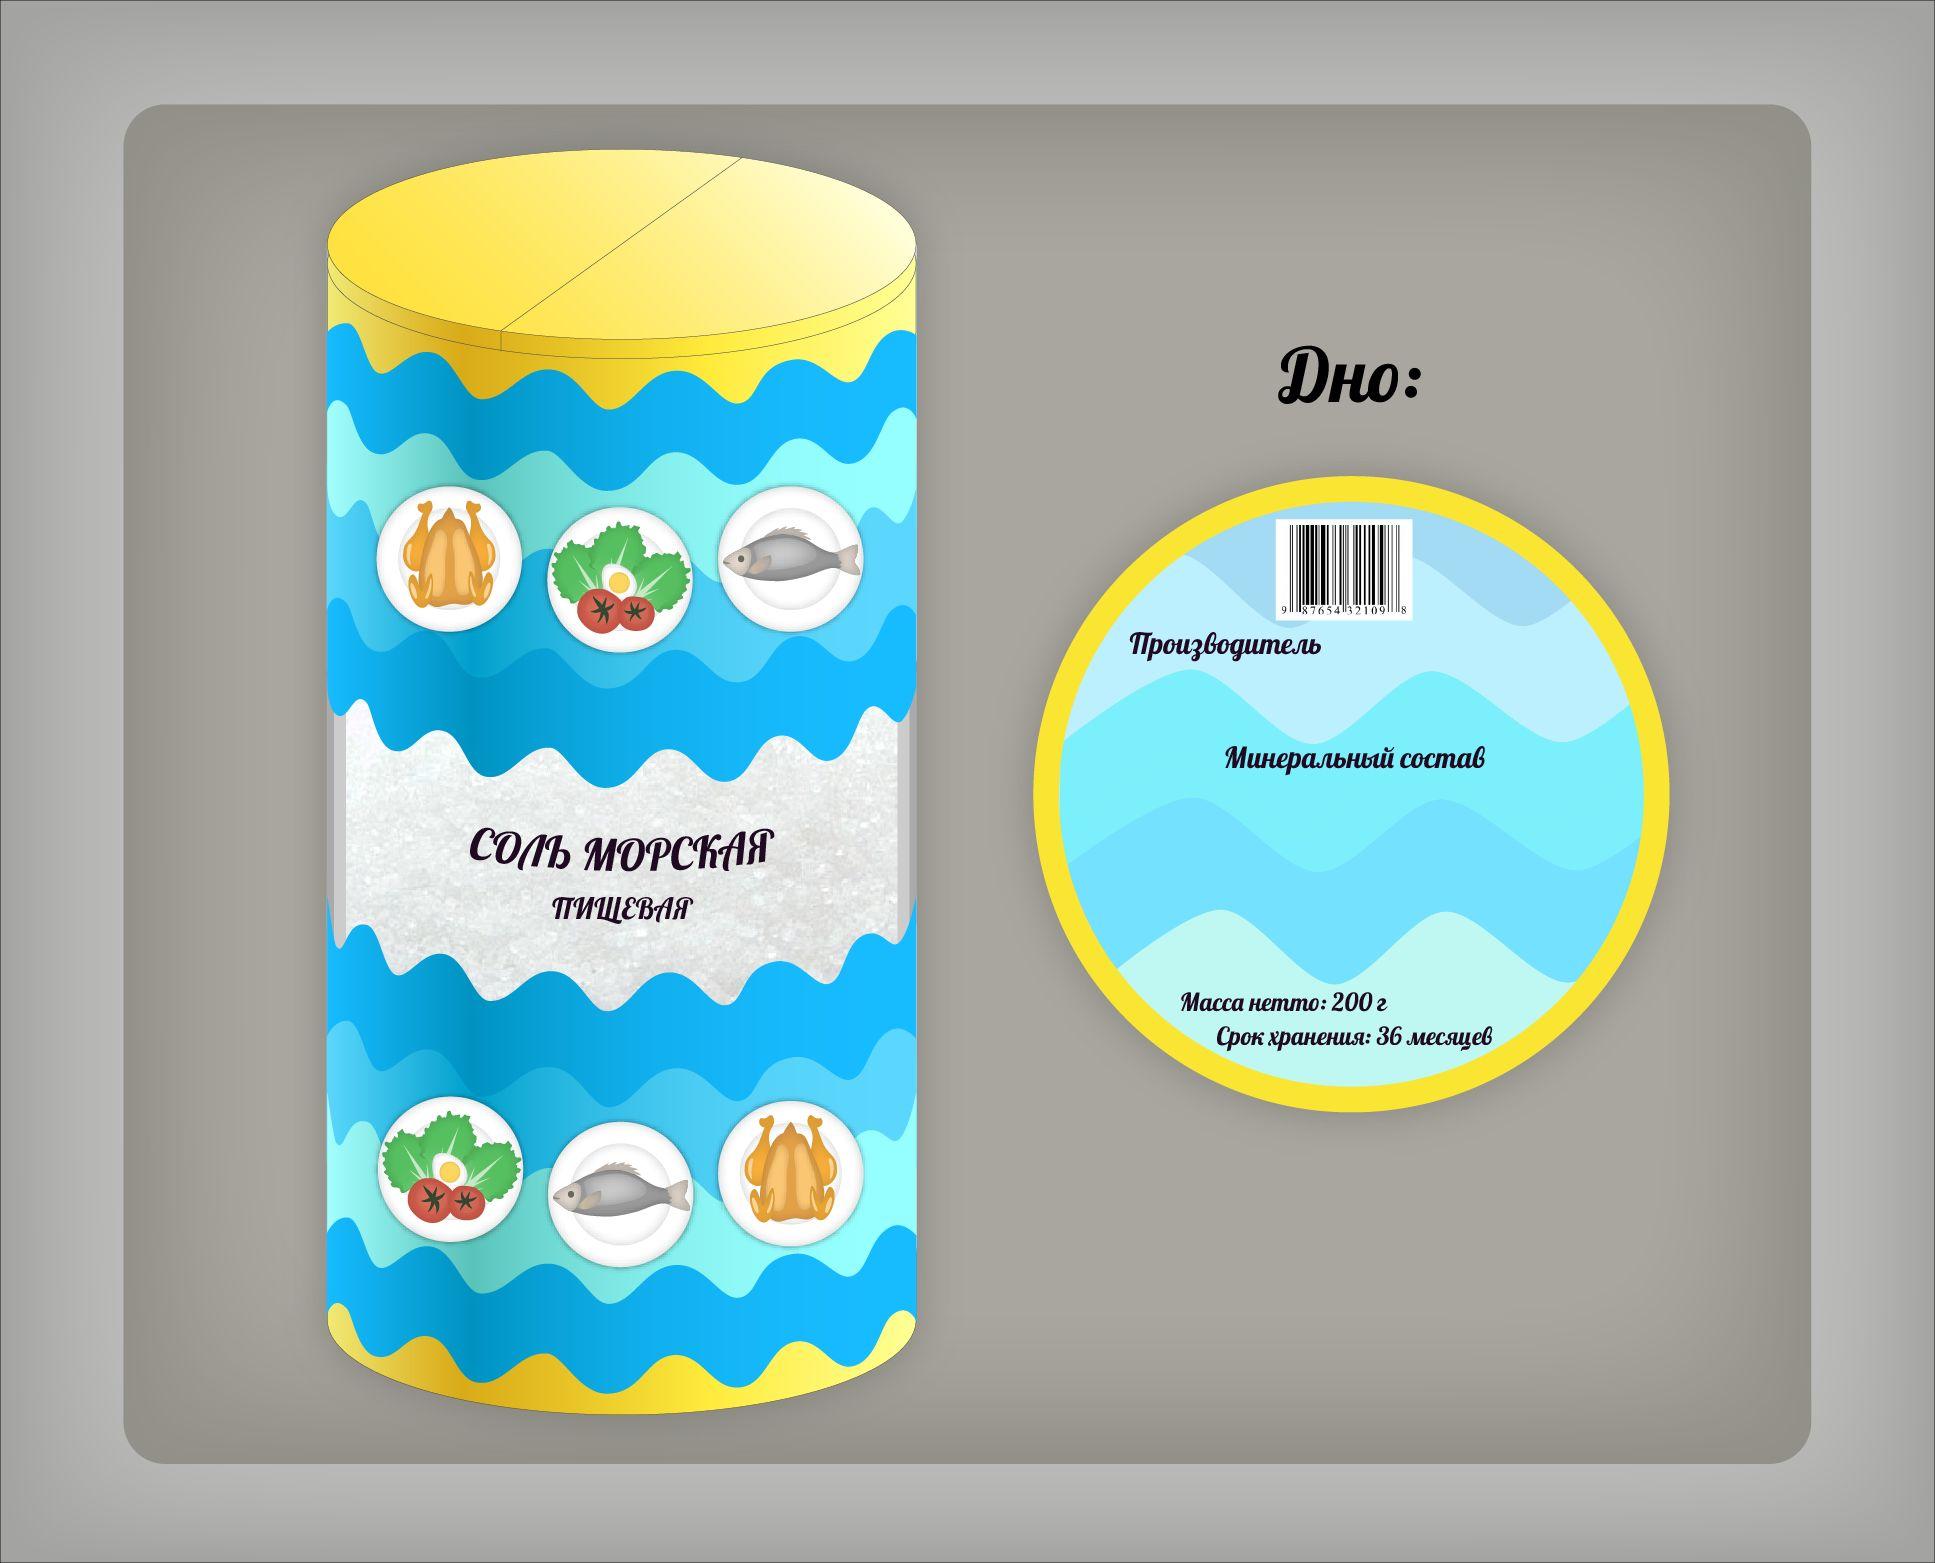 Дизайн этикетки для соли пищевой морской  - дизайнер cikada59